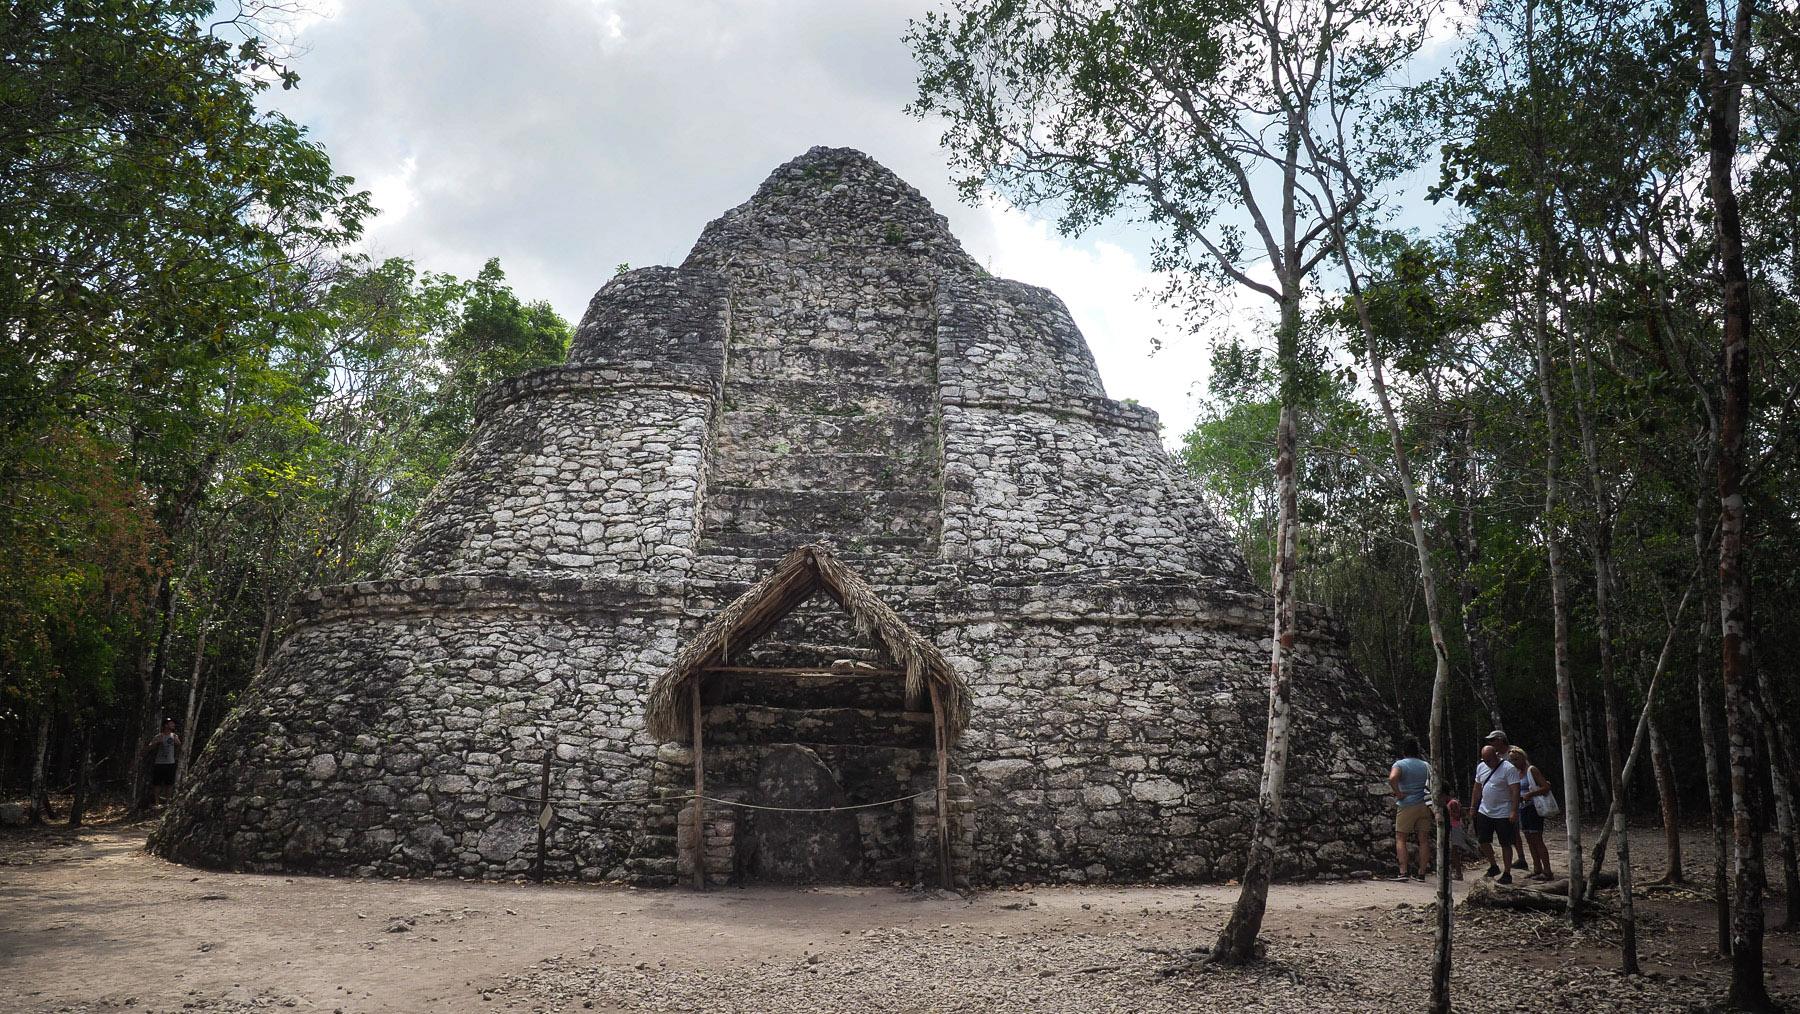 Die Pyramide mit abgerundeten Ecken ist was besonderes in Coba